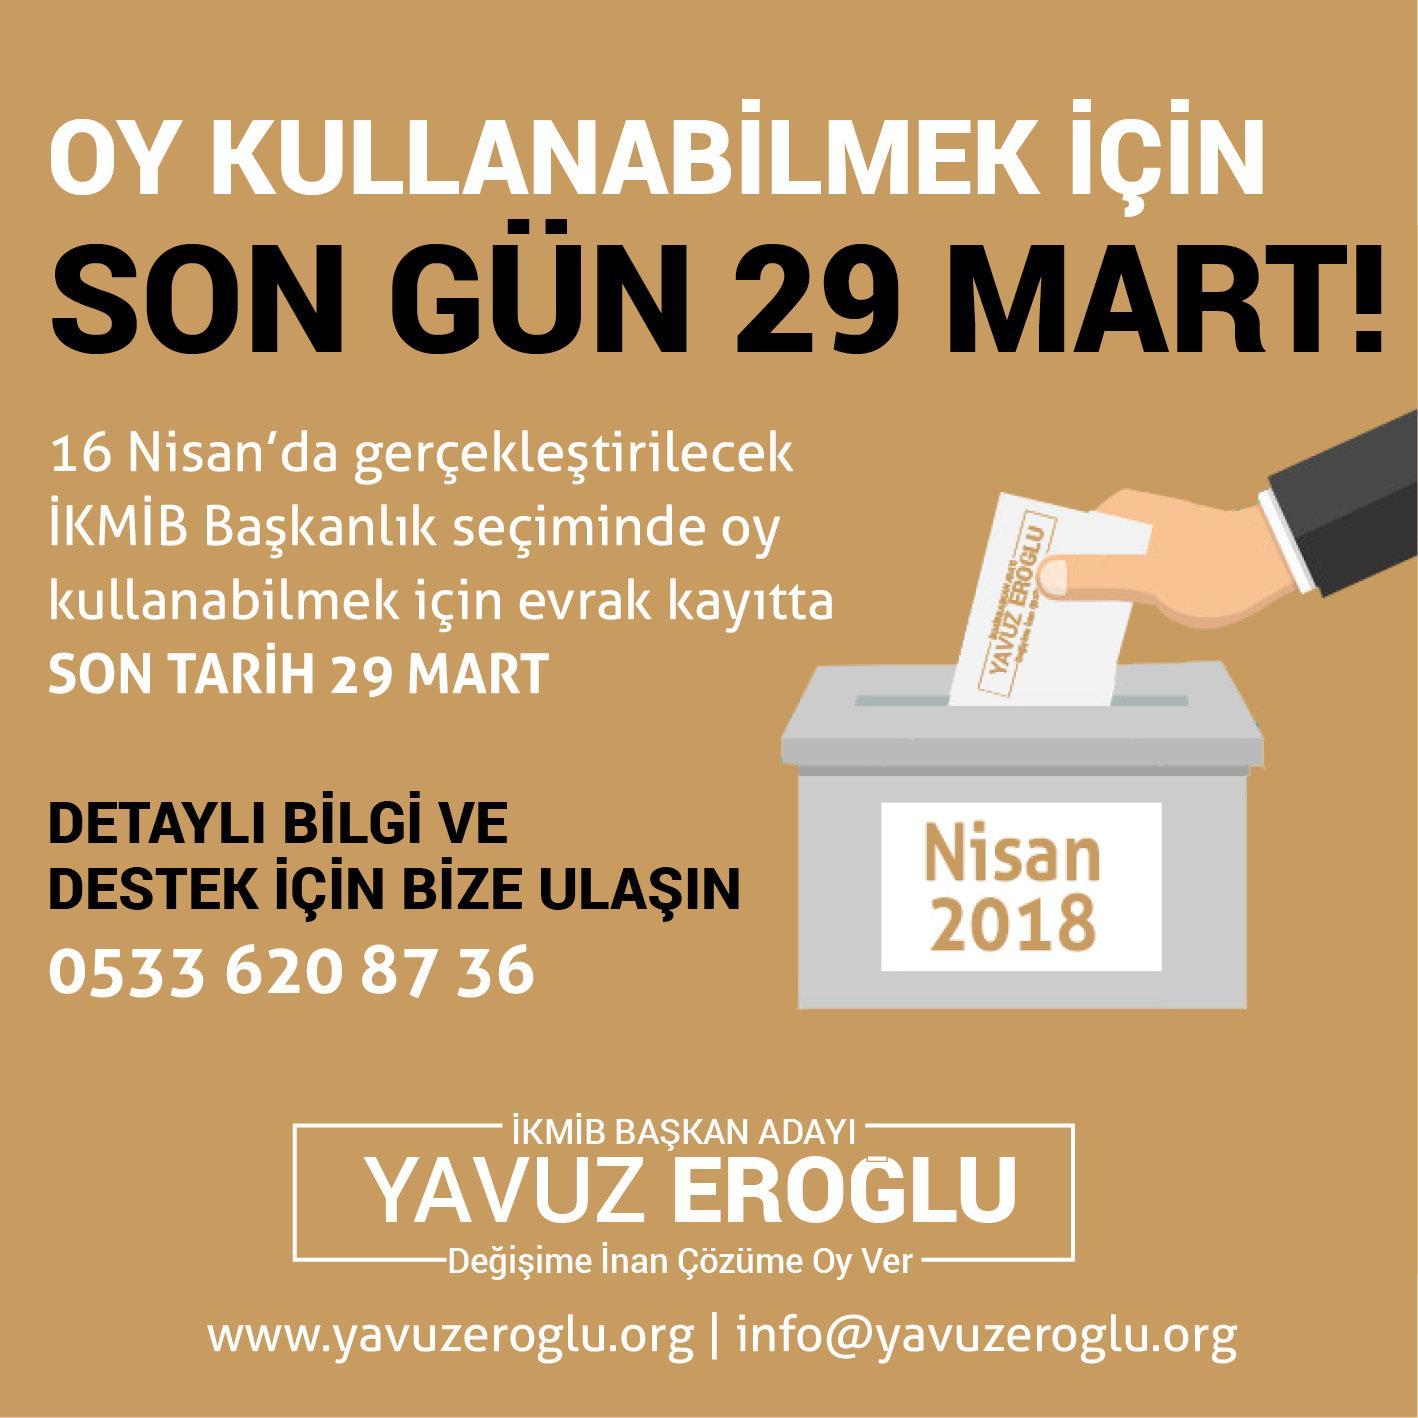 İKMİB Başkanlık Seçiminde Oy Kullanabilmek İçin SON GÜN 29 MART!